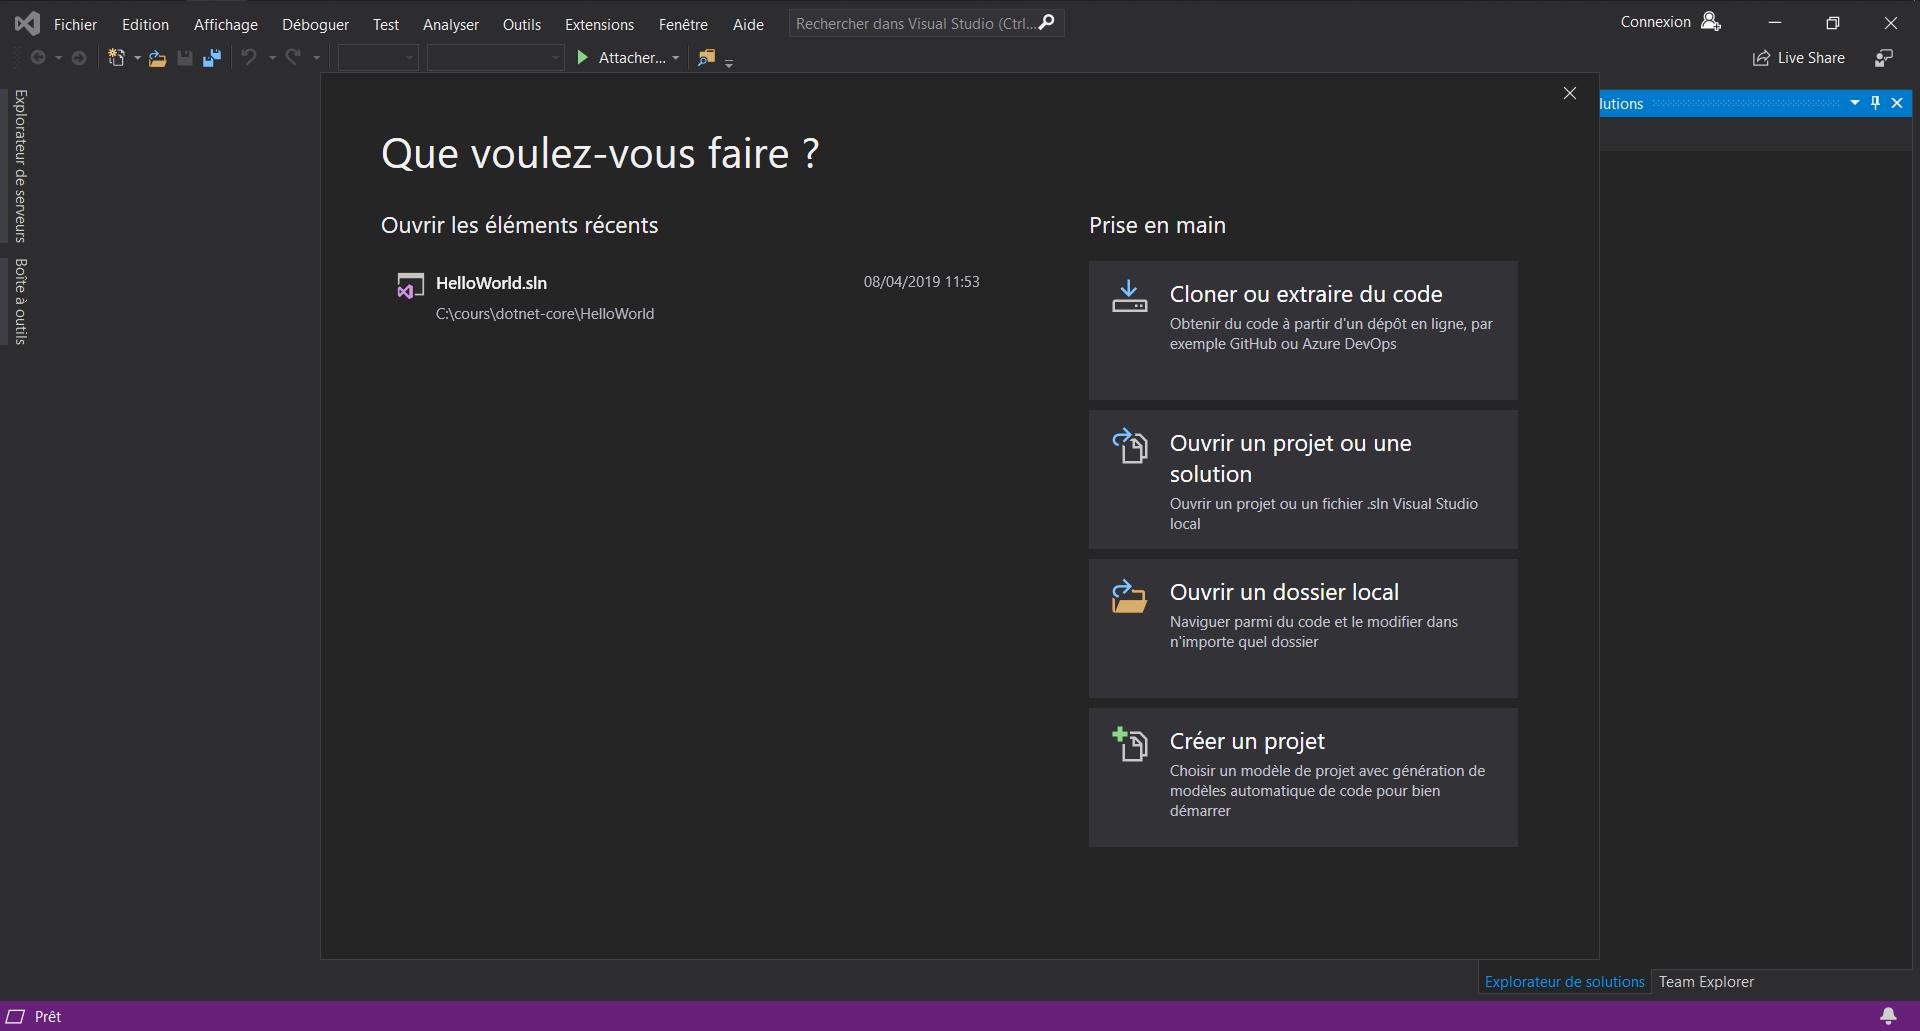 La page de démarrage de Visual Studio